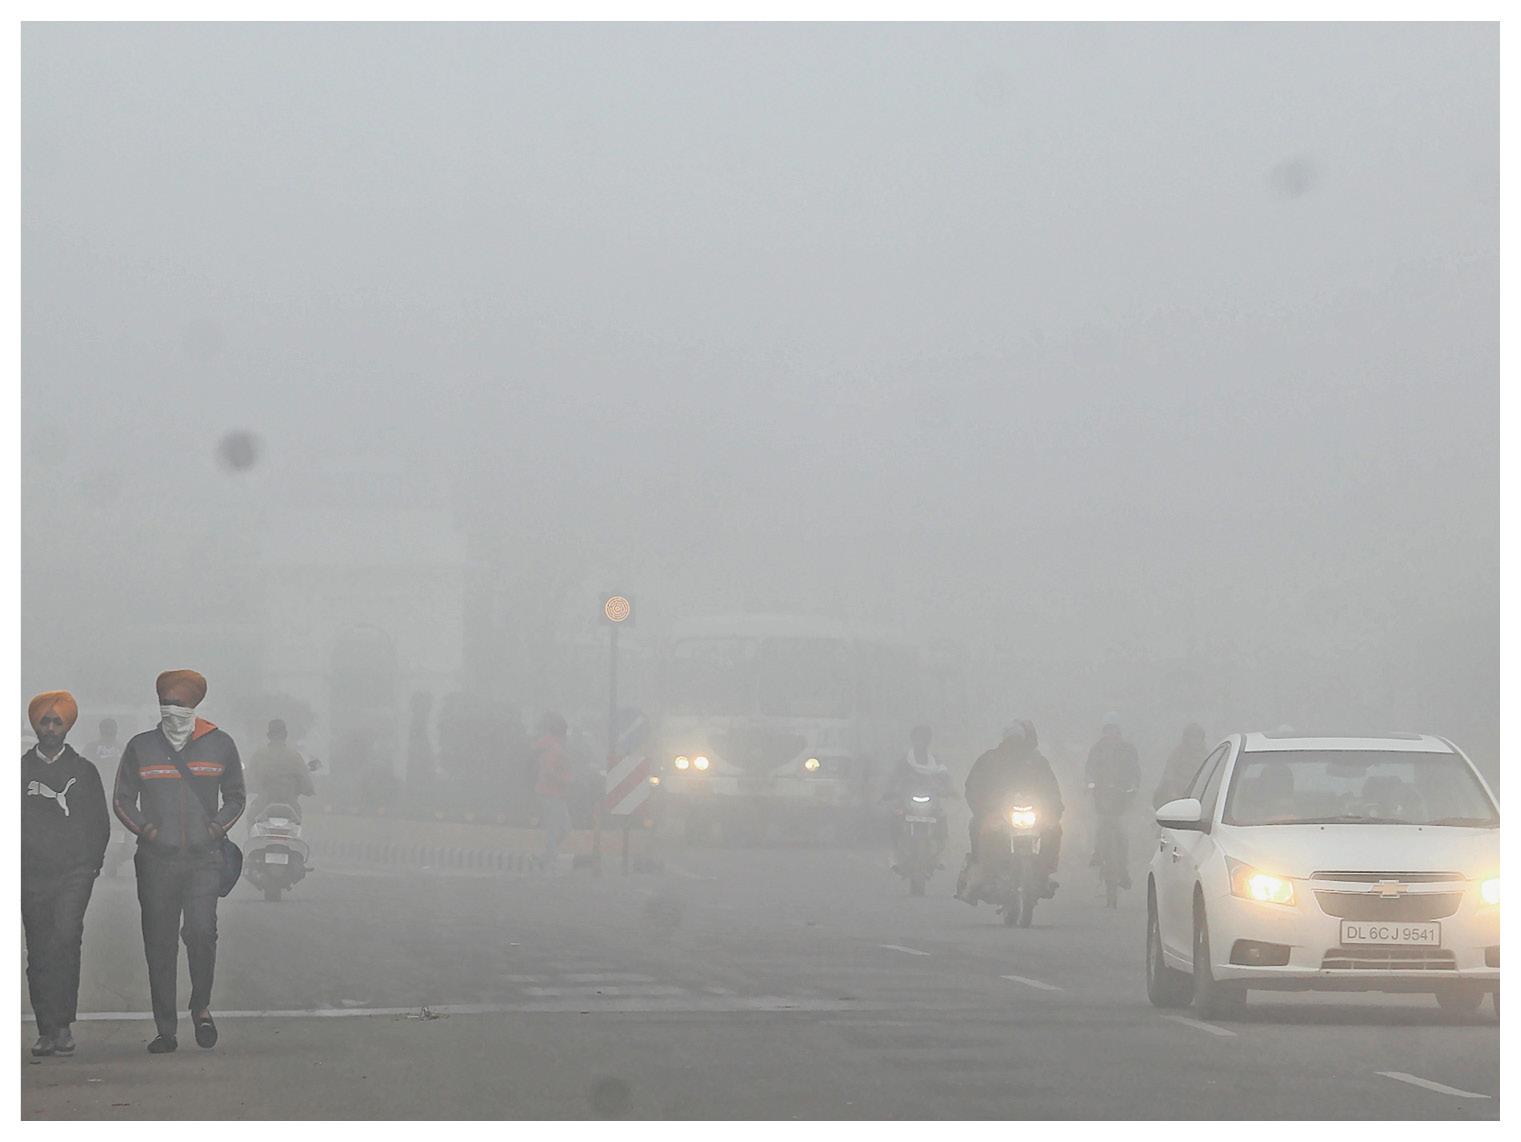 पंजाब के संगरूर में सुबह 8:15 बजे छाया कोहरा। यहां राज्य में शनिवार को आदमपुर सबसे सर्द रहा। यहां न्यूनतम तापमान 2.5 डिग्री सेल्सियस दर्ज किया गया।